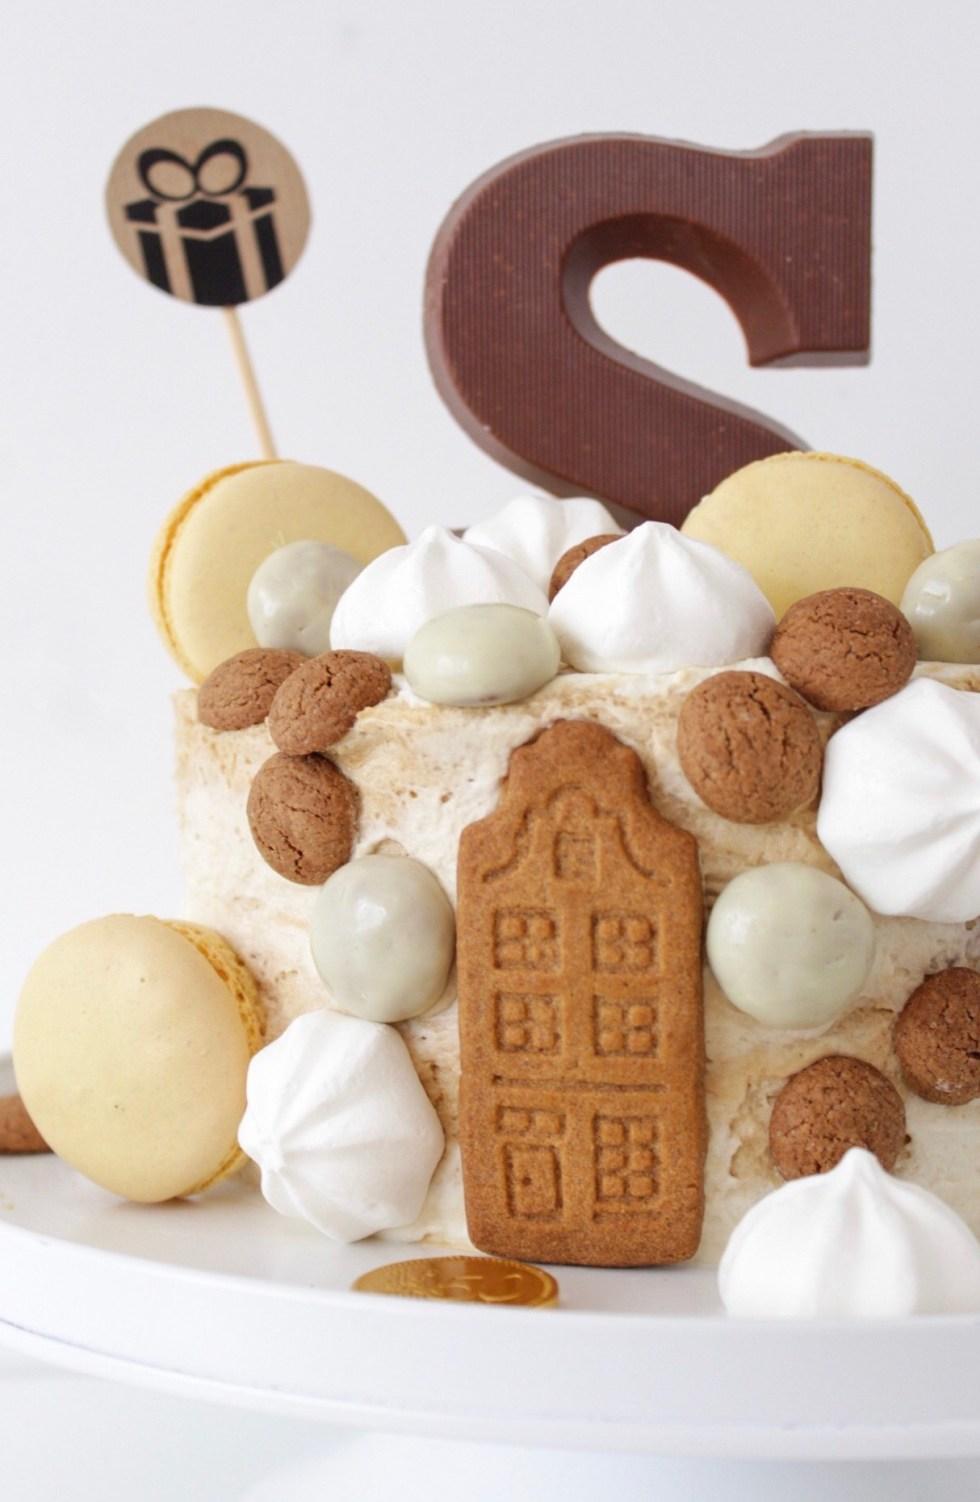 Sinterklaastaart, Sinterklaas, Sinterklaas taart, taart, taart decoreren, taart maken, kant-en-klare taart, taart decoratie, snelle taart, hazelnootschuimtaart, inspiratie, thathomepage, (th)athomepage